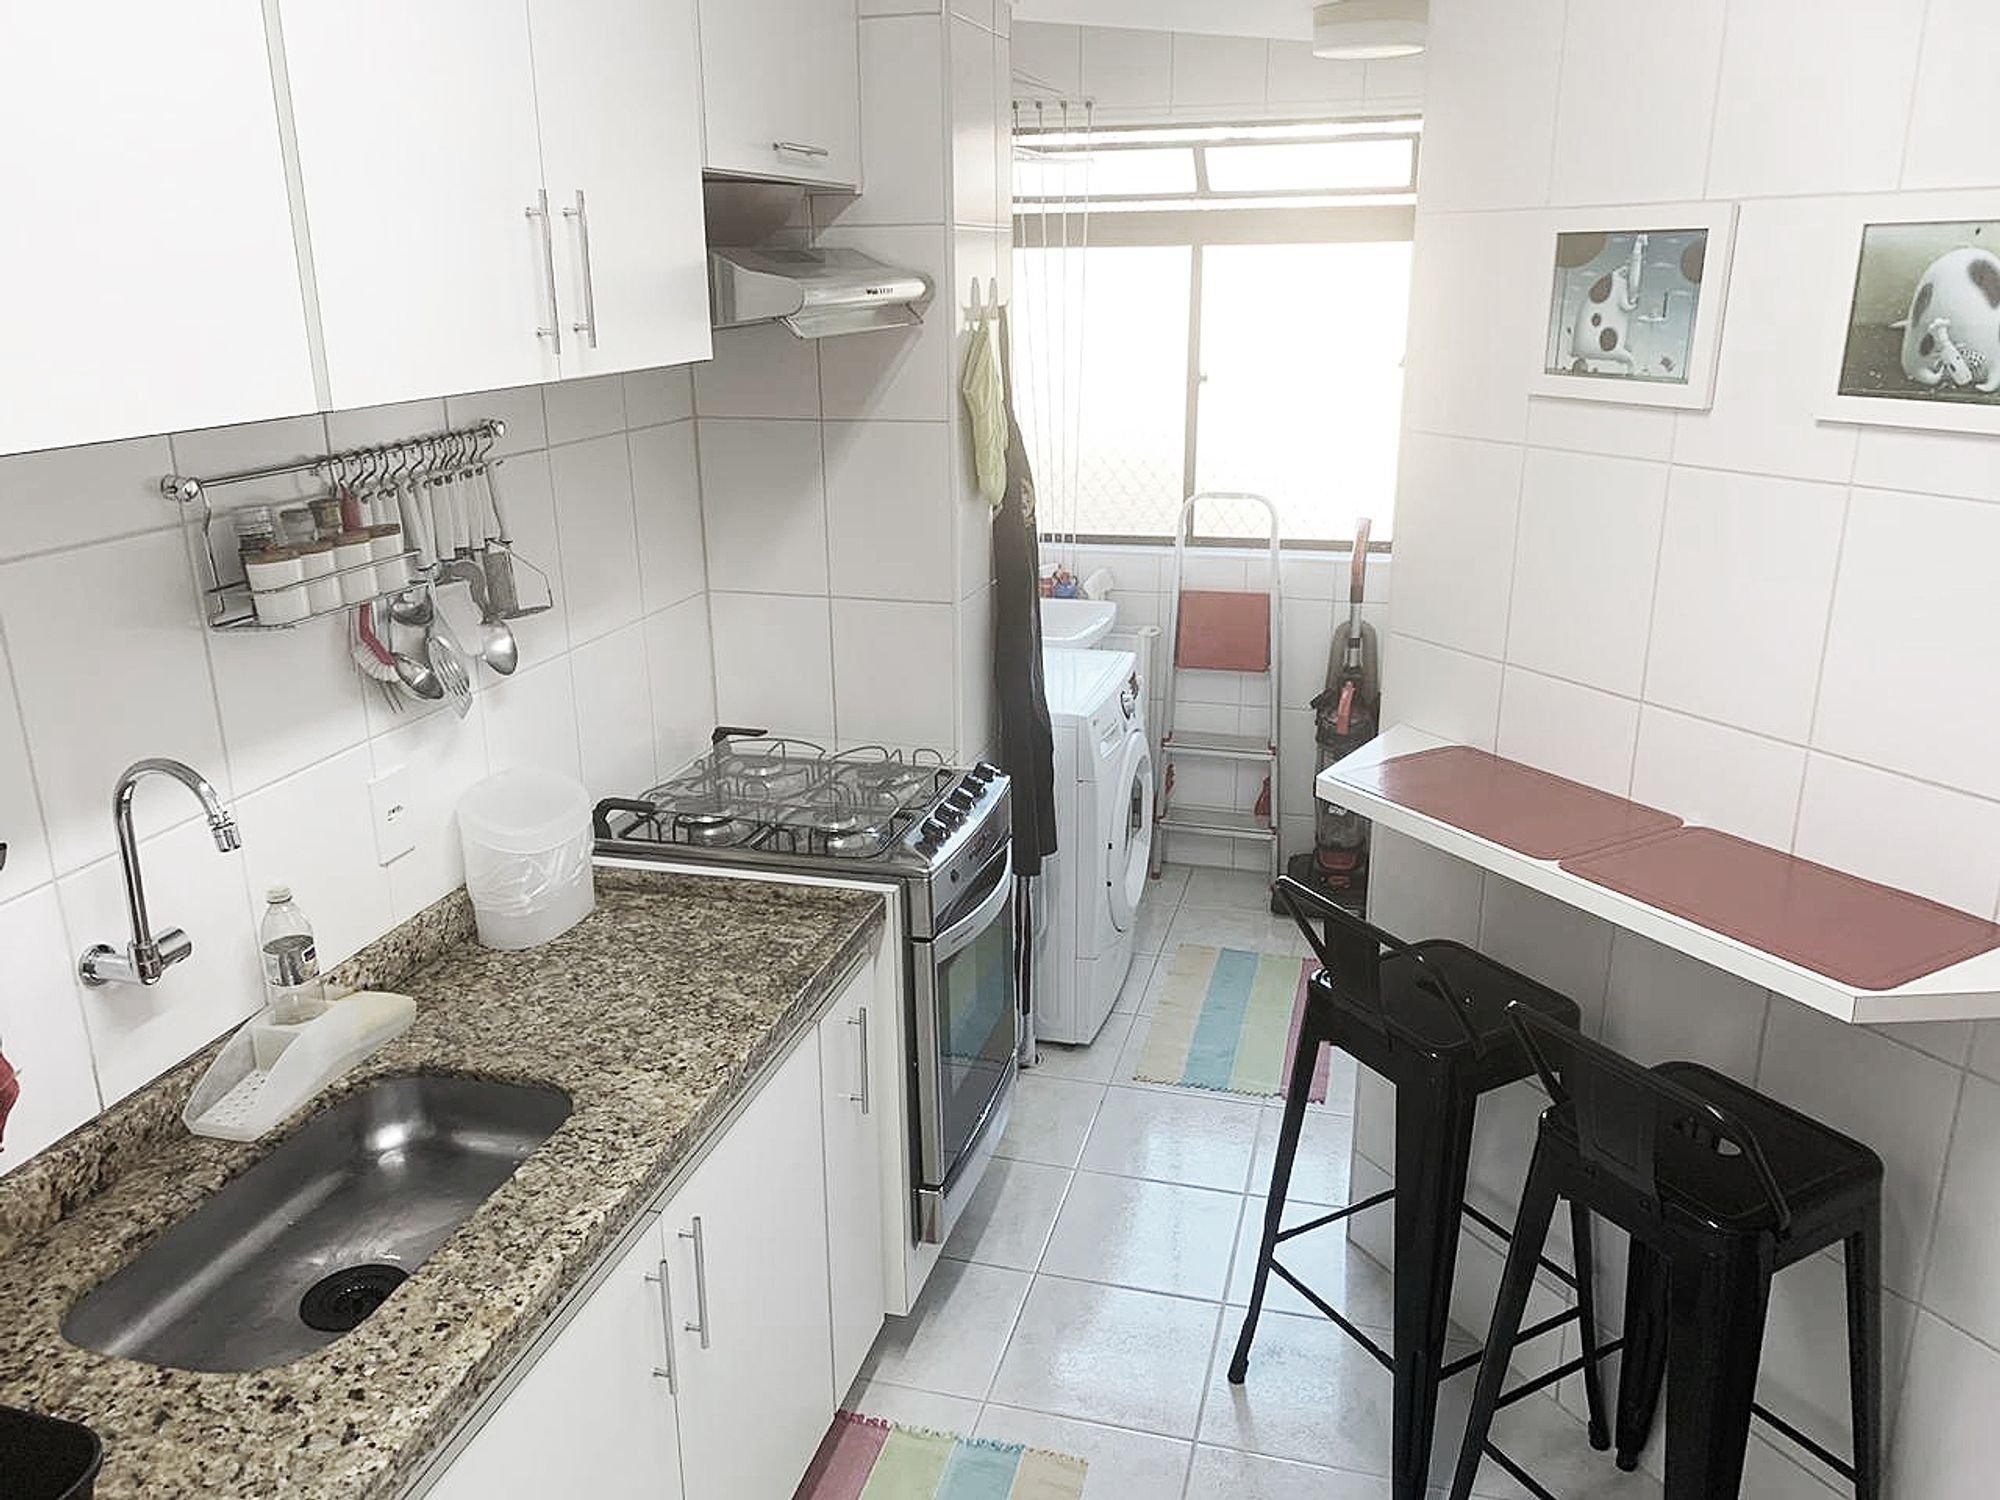 Foto de Cozinha com forno, tigela, cadeira, pia, mesa de jantar